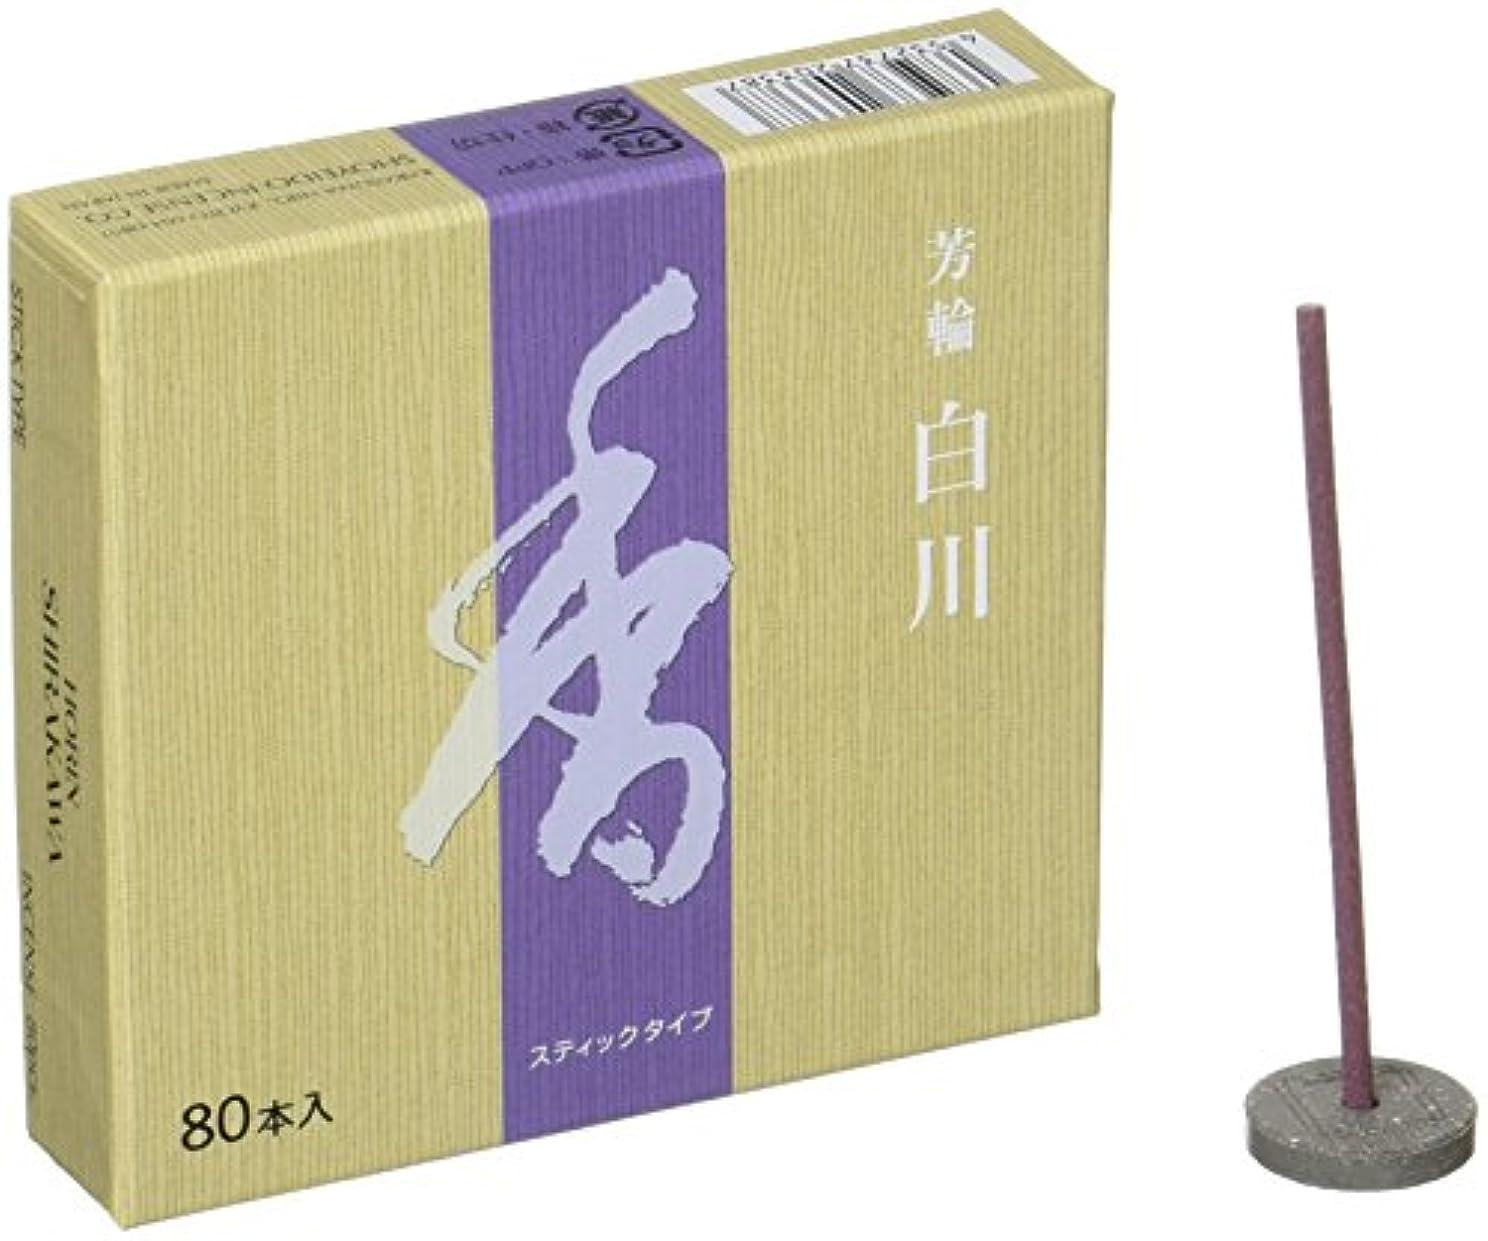 芳輪シリーズ 白川スティック80本入 83×90×22